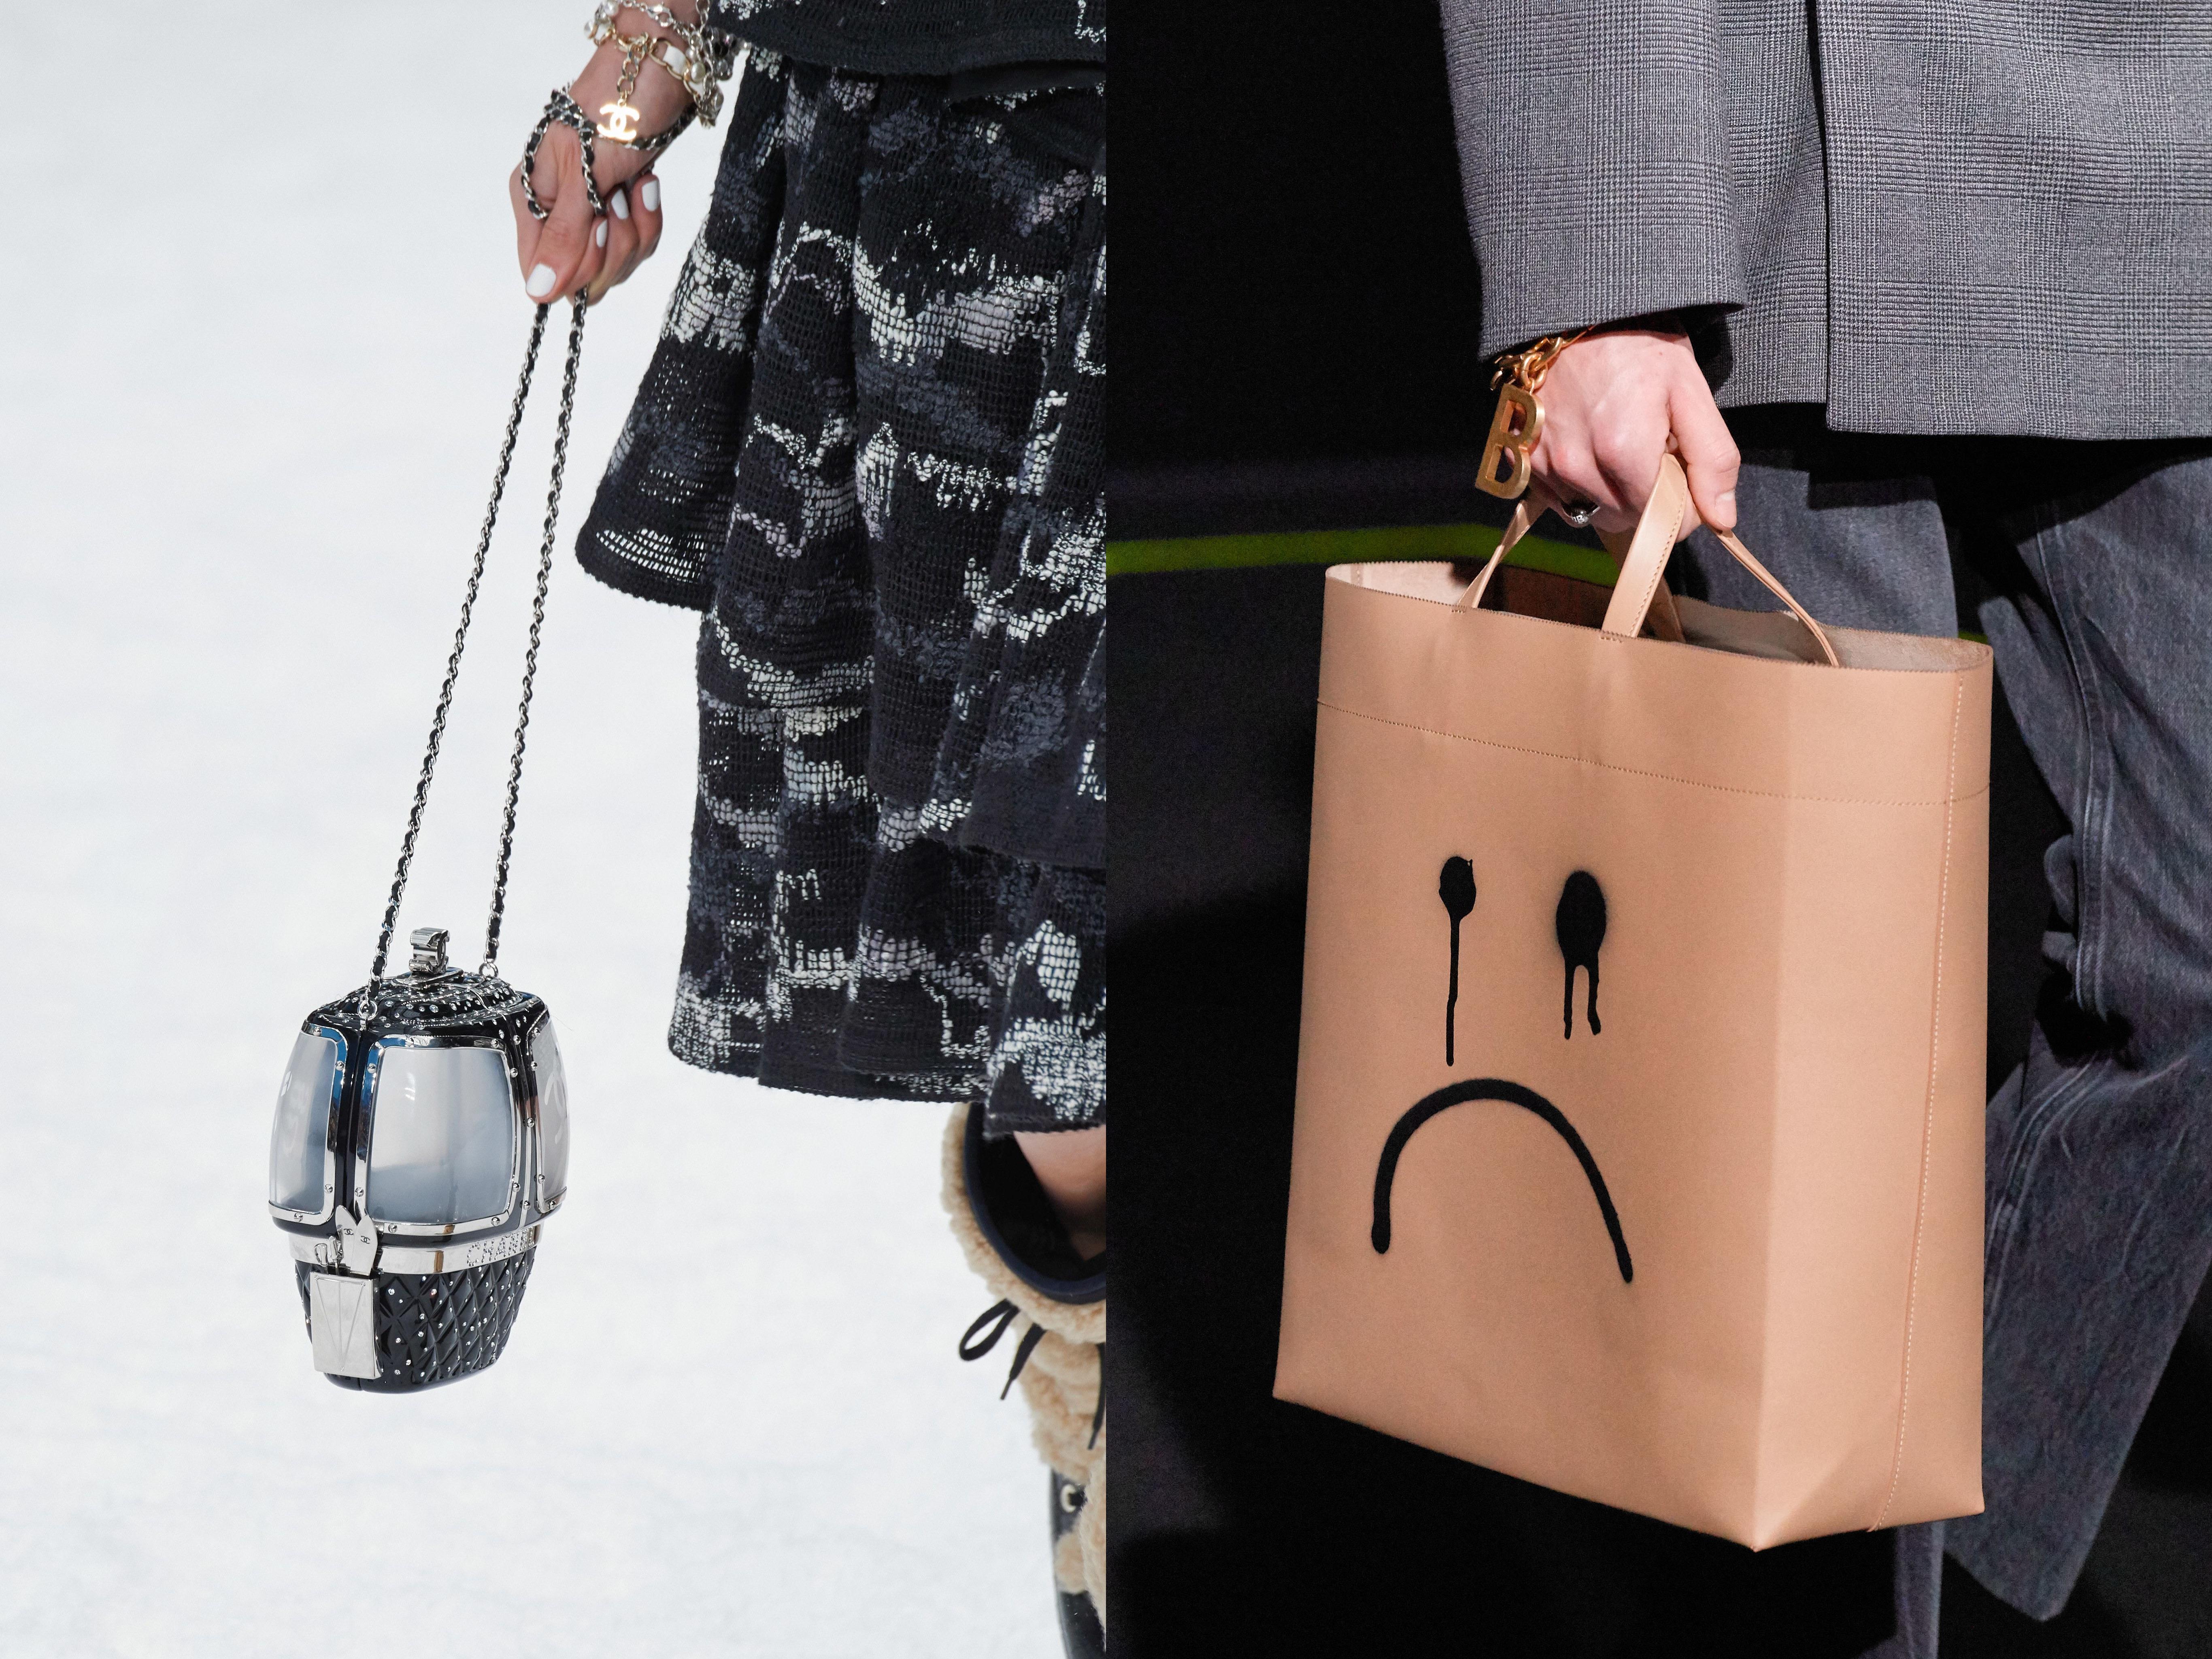 Выбирайте ироничные, но применимый в обычной жизни вариант сумки